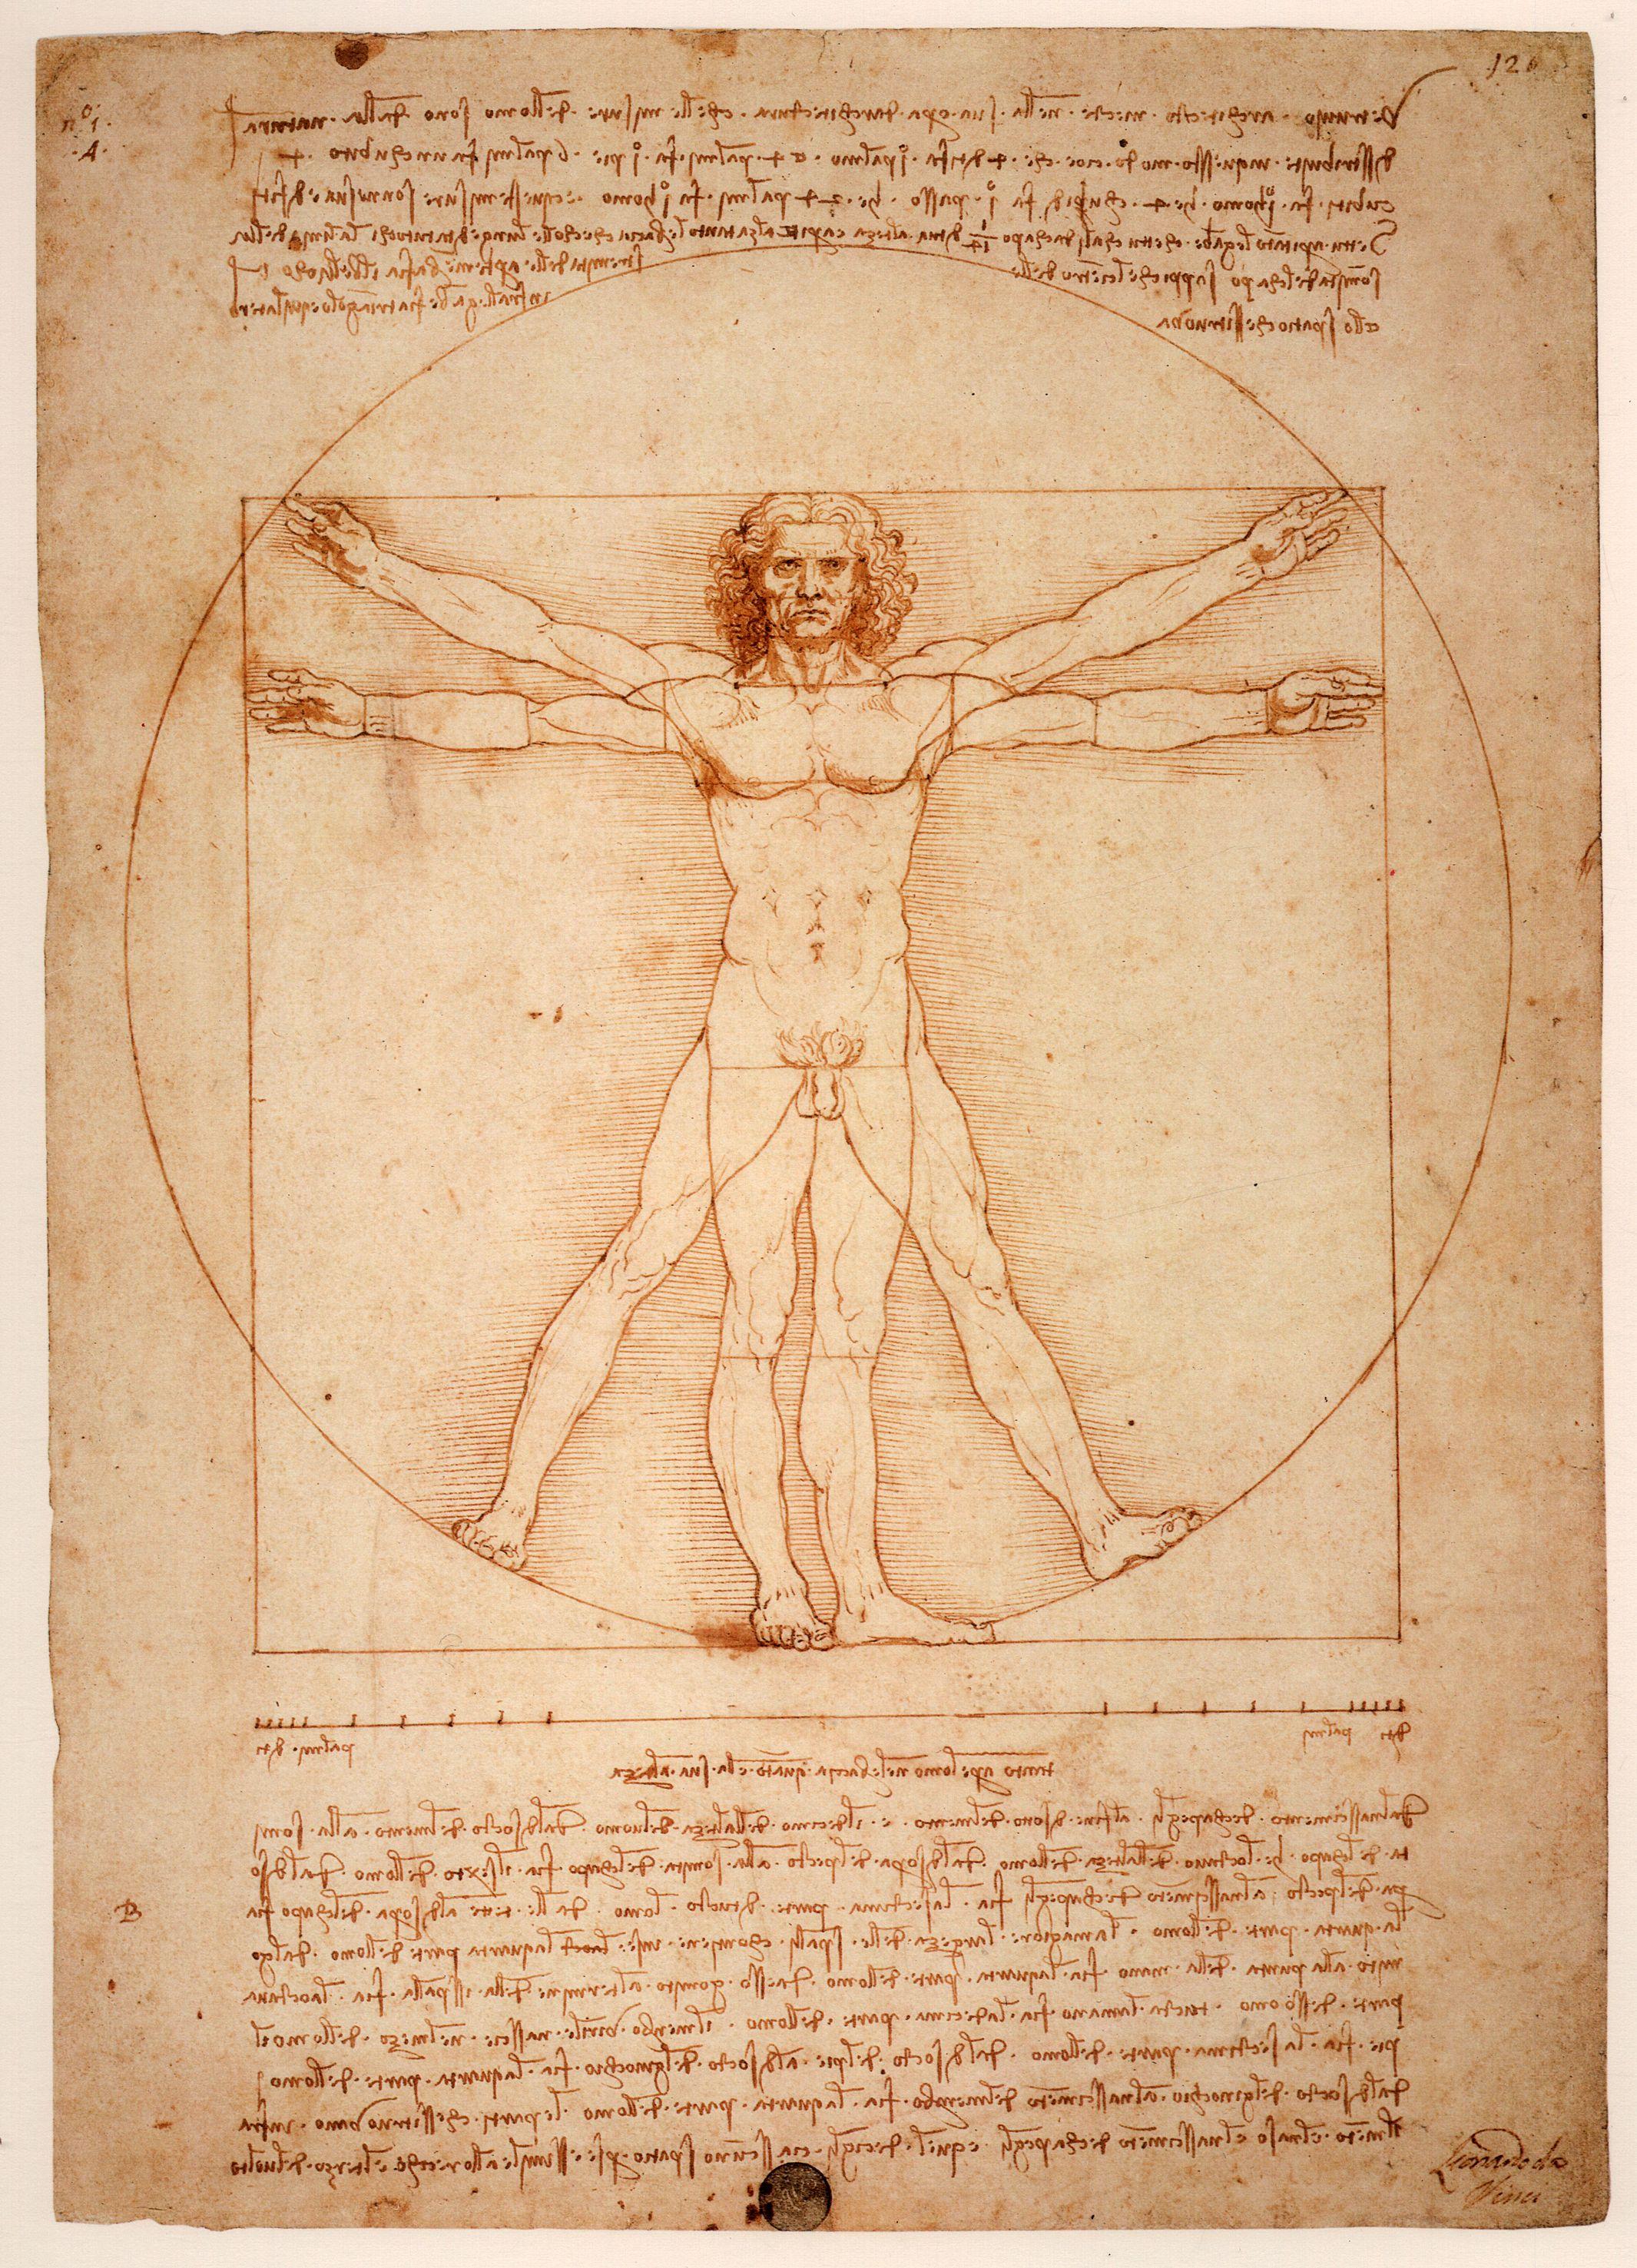 1500 Leonardo Da Vinci Uomo Vitruviano E Una Dimostrazione Scientifica In Risposta A Vitruvio Che Nel De Architectur Leonardo Da Vinci Arte Famosa Painting